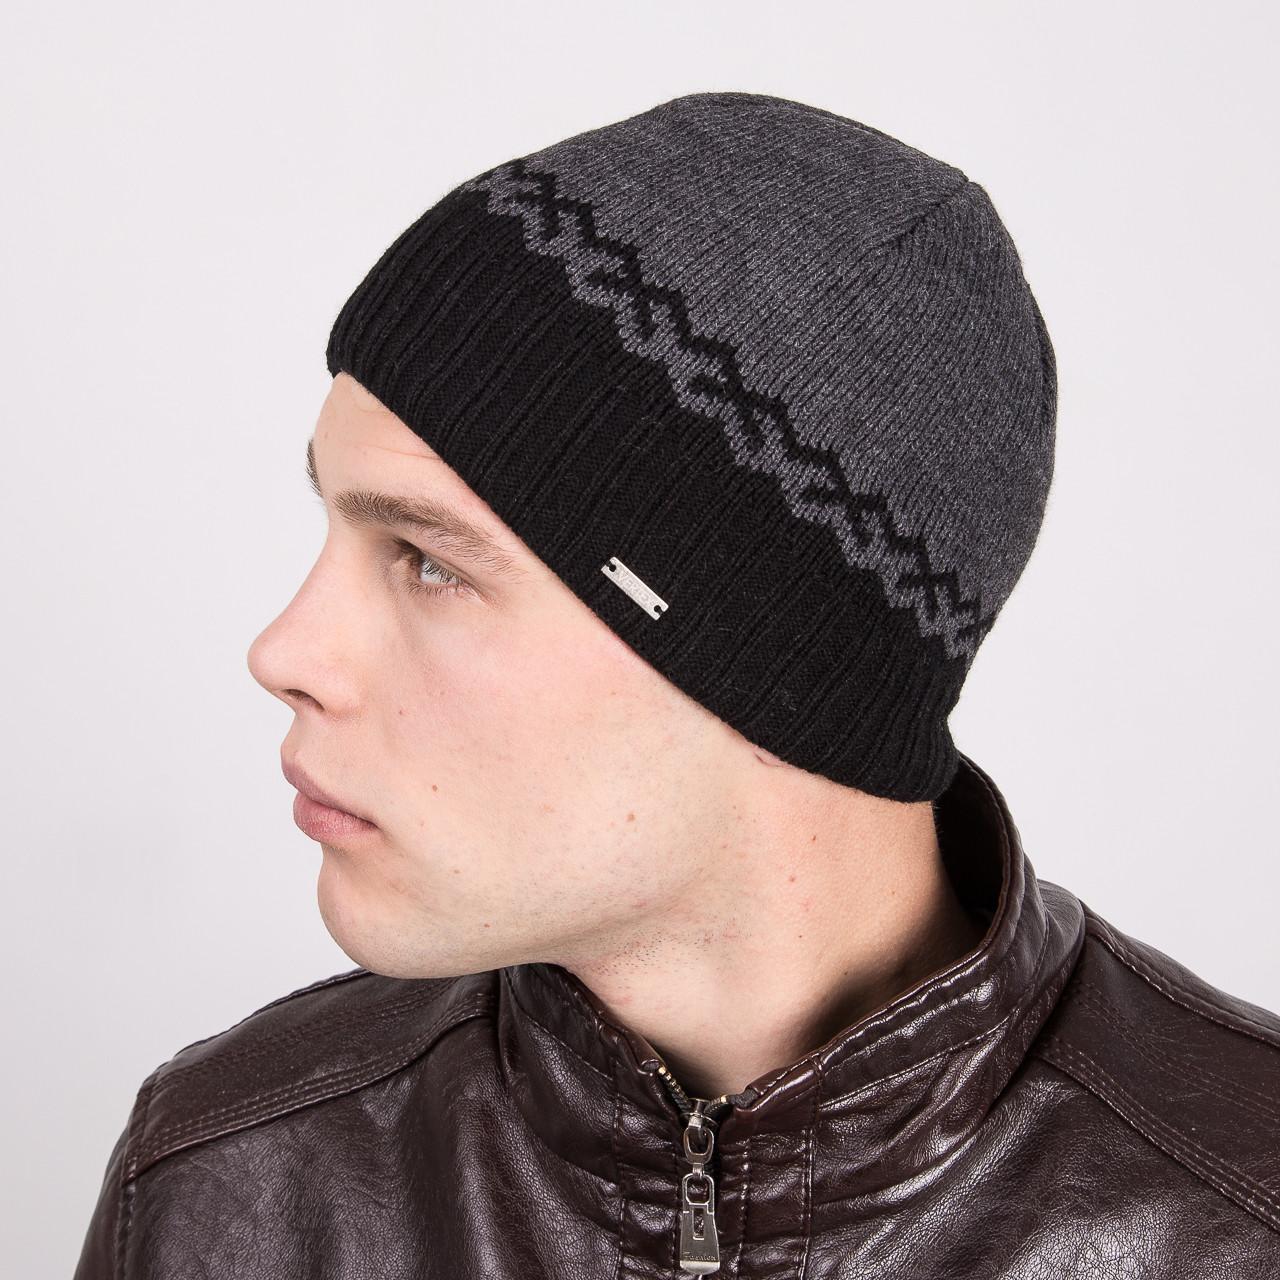 Мужская шапка на флисе - Артикул m10a